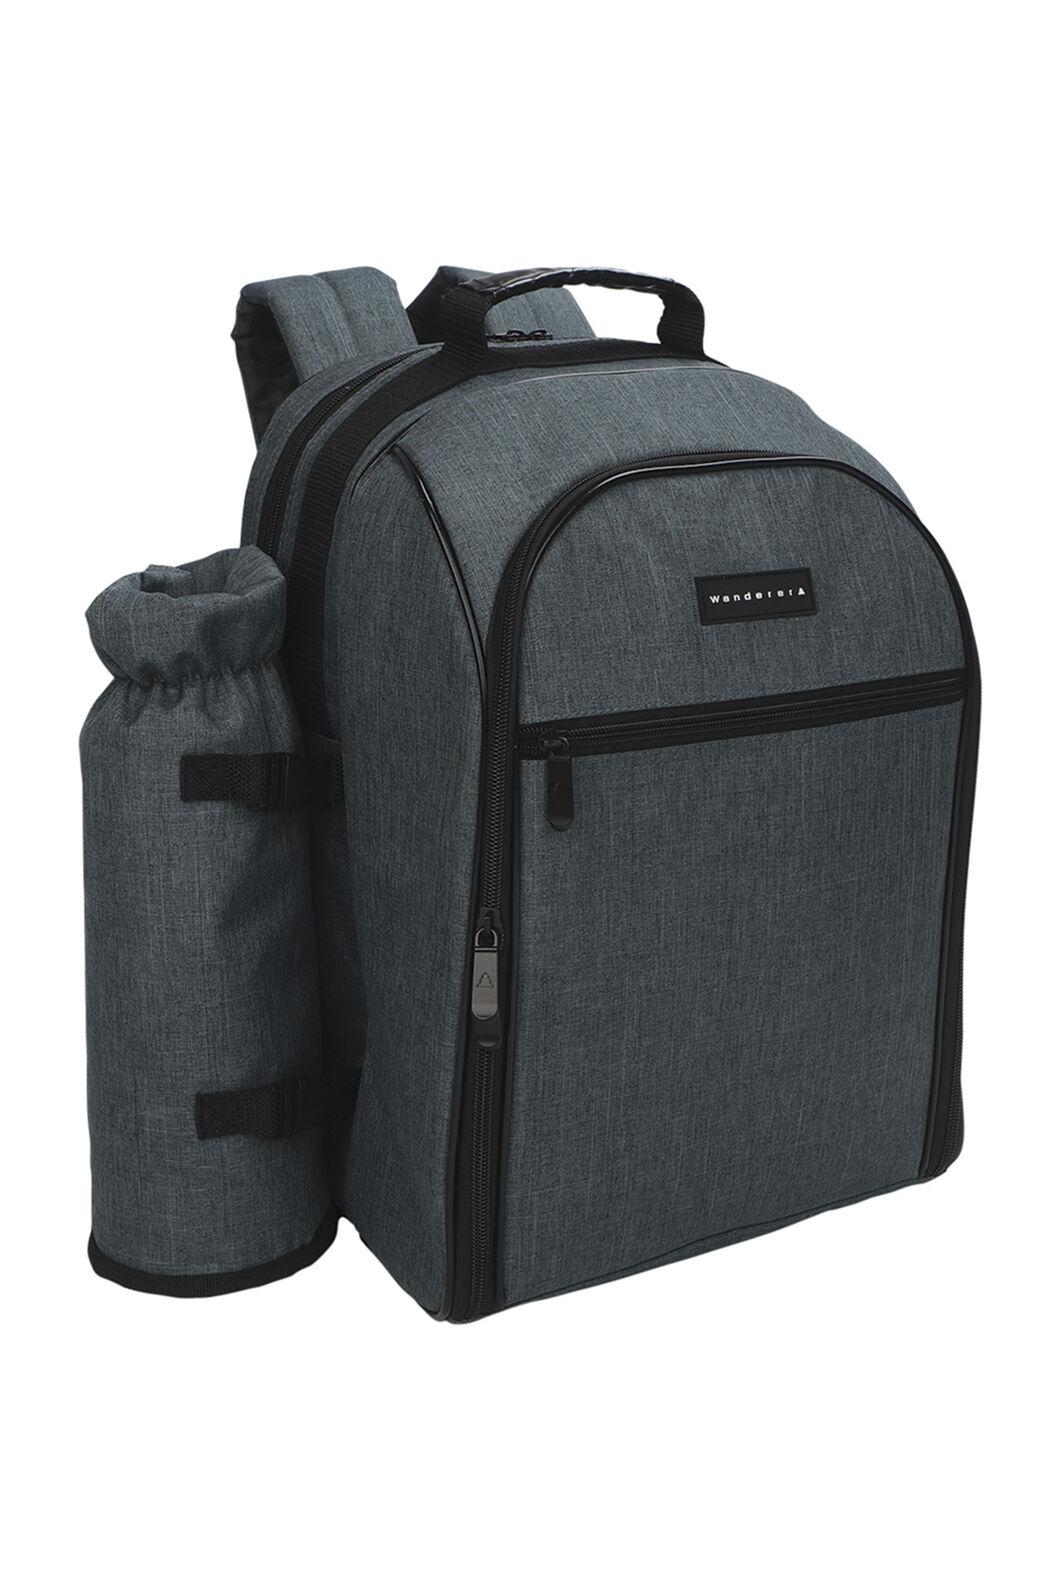 Wanderer Picnic Backpack — 4 Person Set, Grey, hi-res